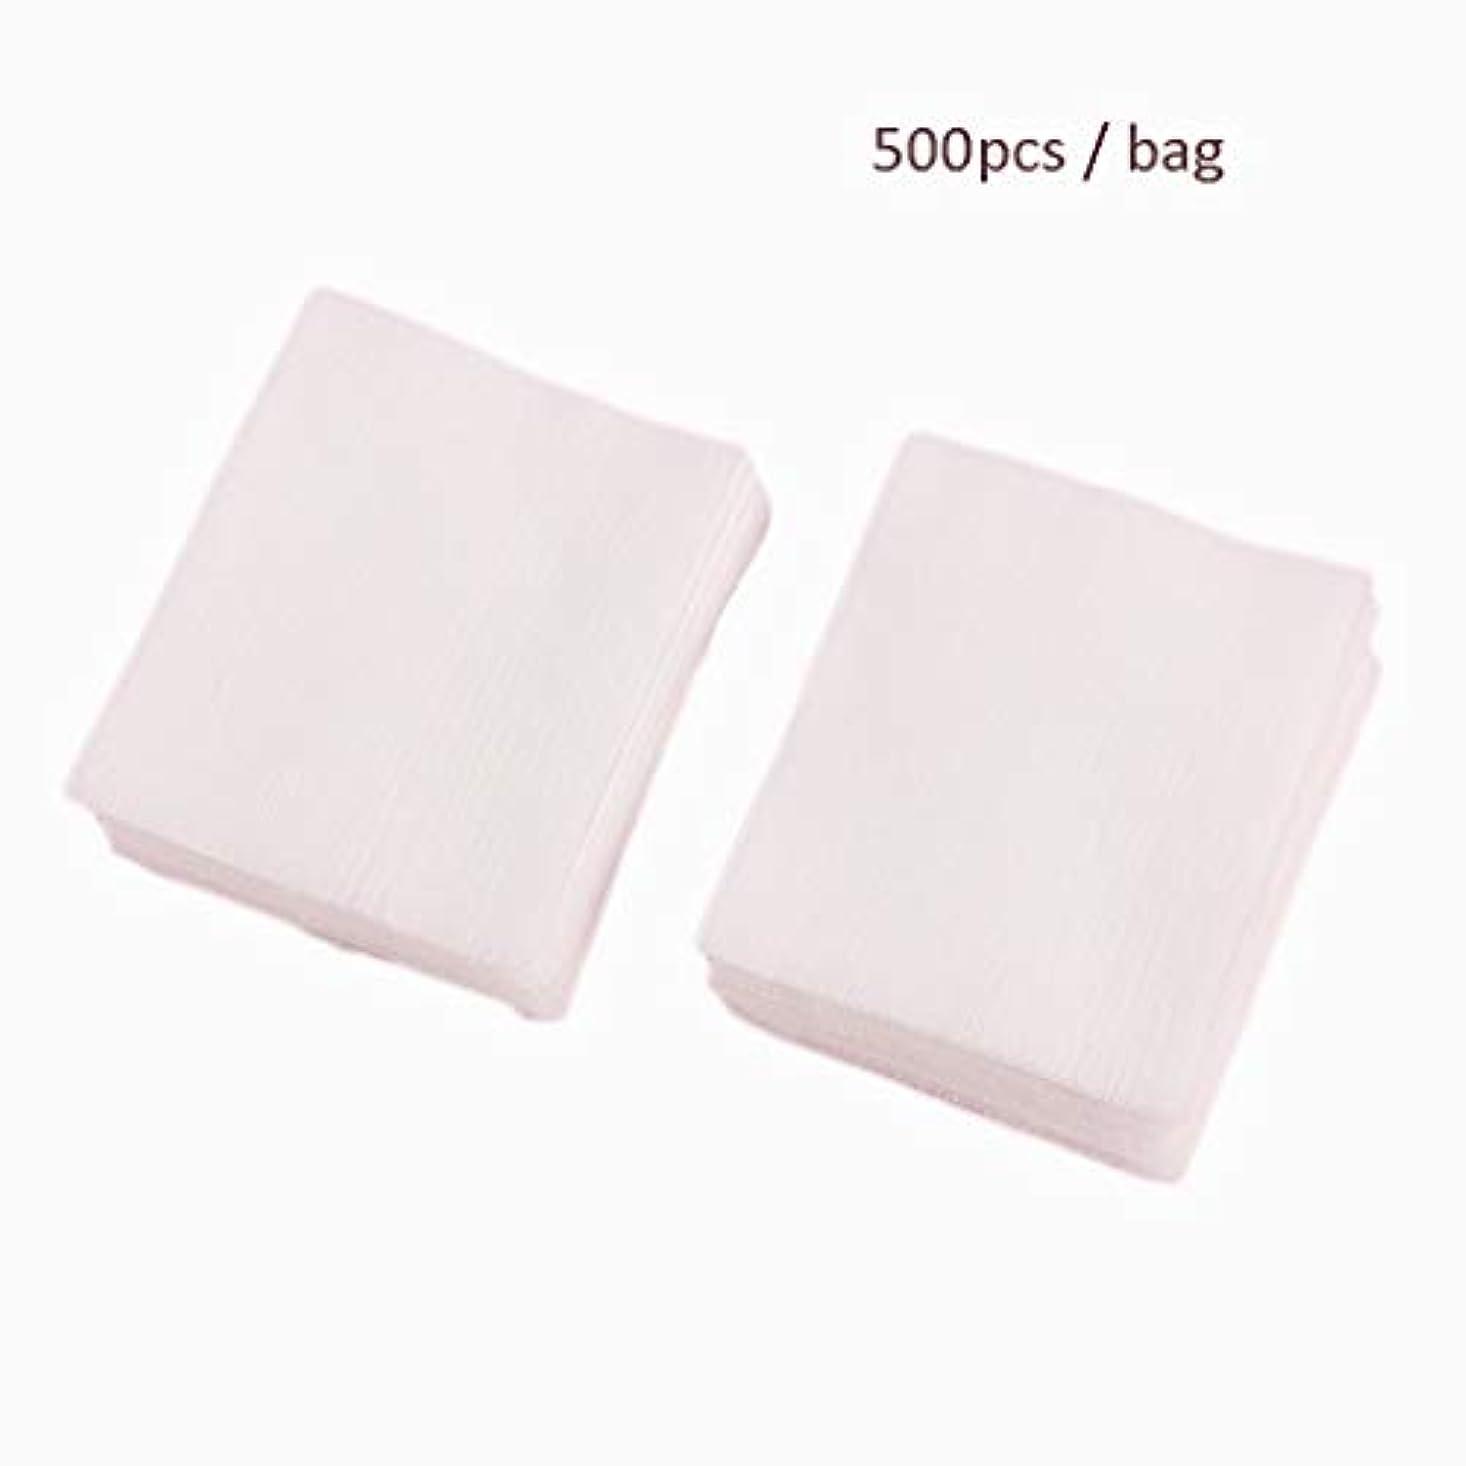 屋内不変アトムクレンジングシート 500ピース/バッグフェイシャルオーガニックコットンパッドフェイシャルクリーニングネイルポリッシュリムーバー化粧品ティッシュメイクアップ美容スキンケアツール (Color : White, サイズ : 5*6.2cm)